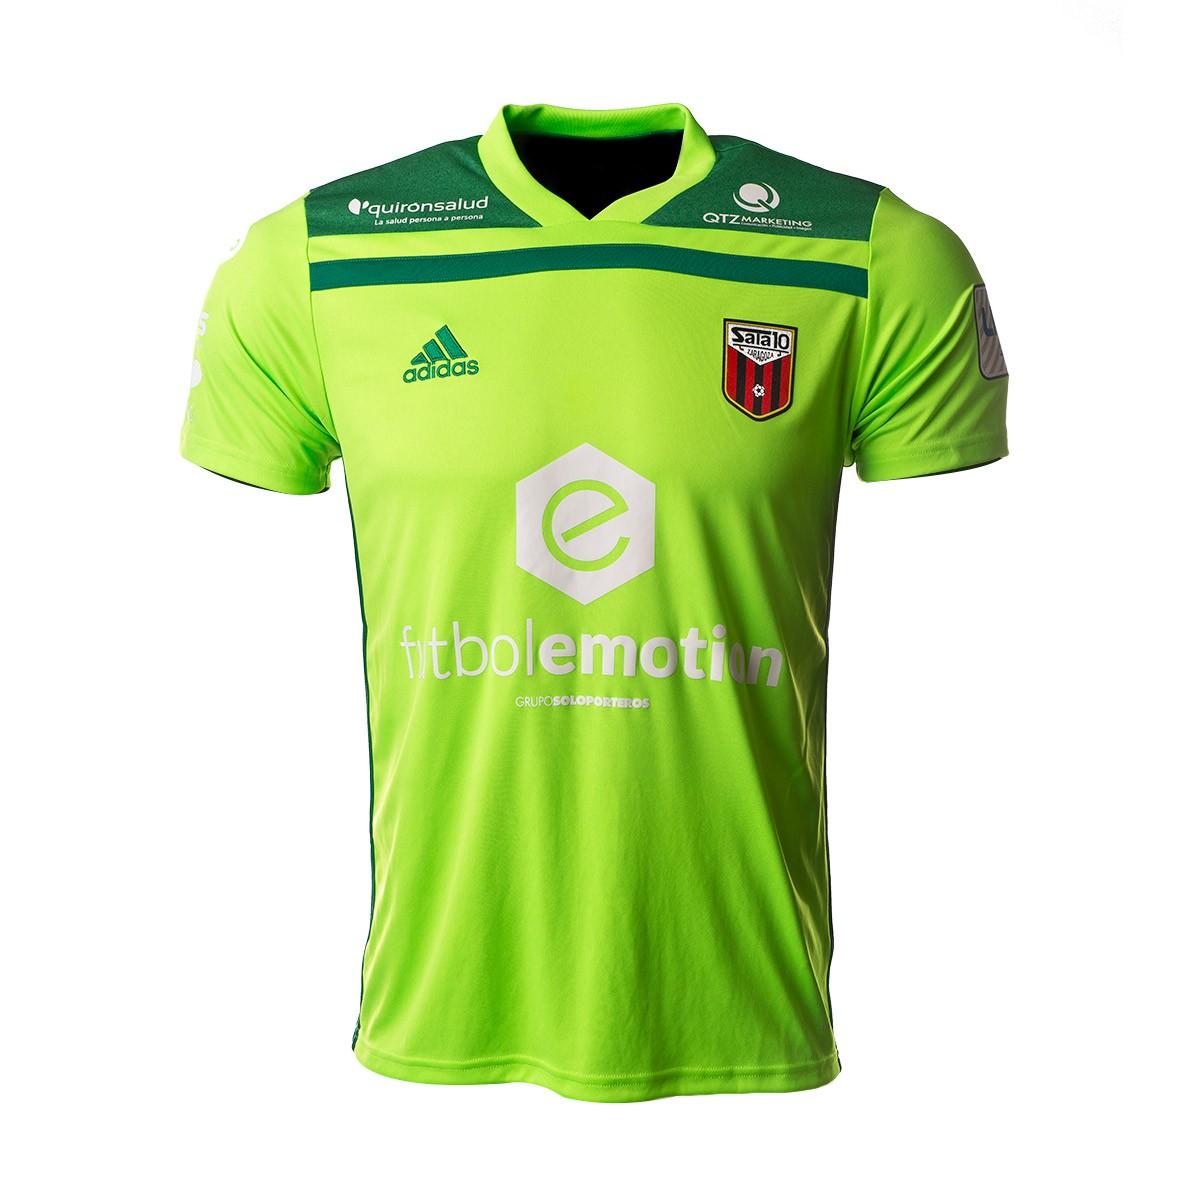 0030f8bac Camiseta adidas Fútbol Emotion Zaragoza Portero 1ª Equipación 18 19 Verde  flúor-Verde - Tienda de fútbol Fútbol Emotion